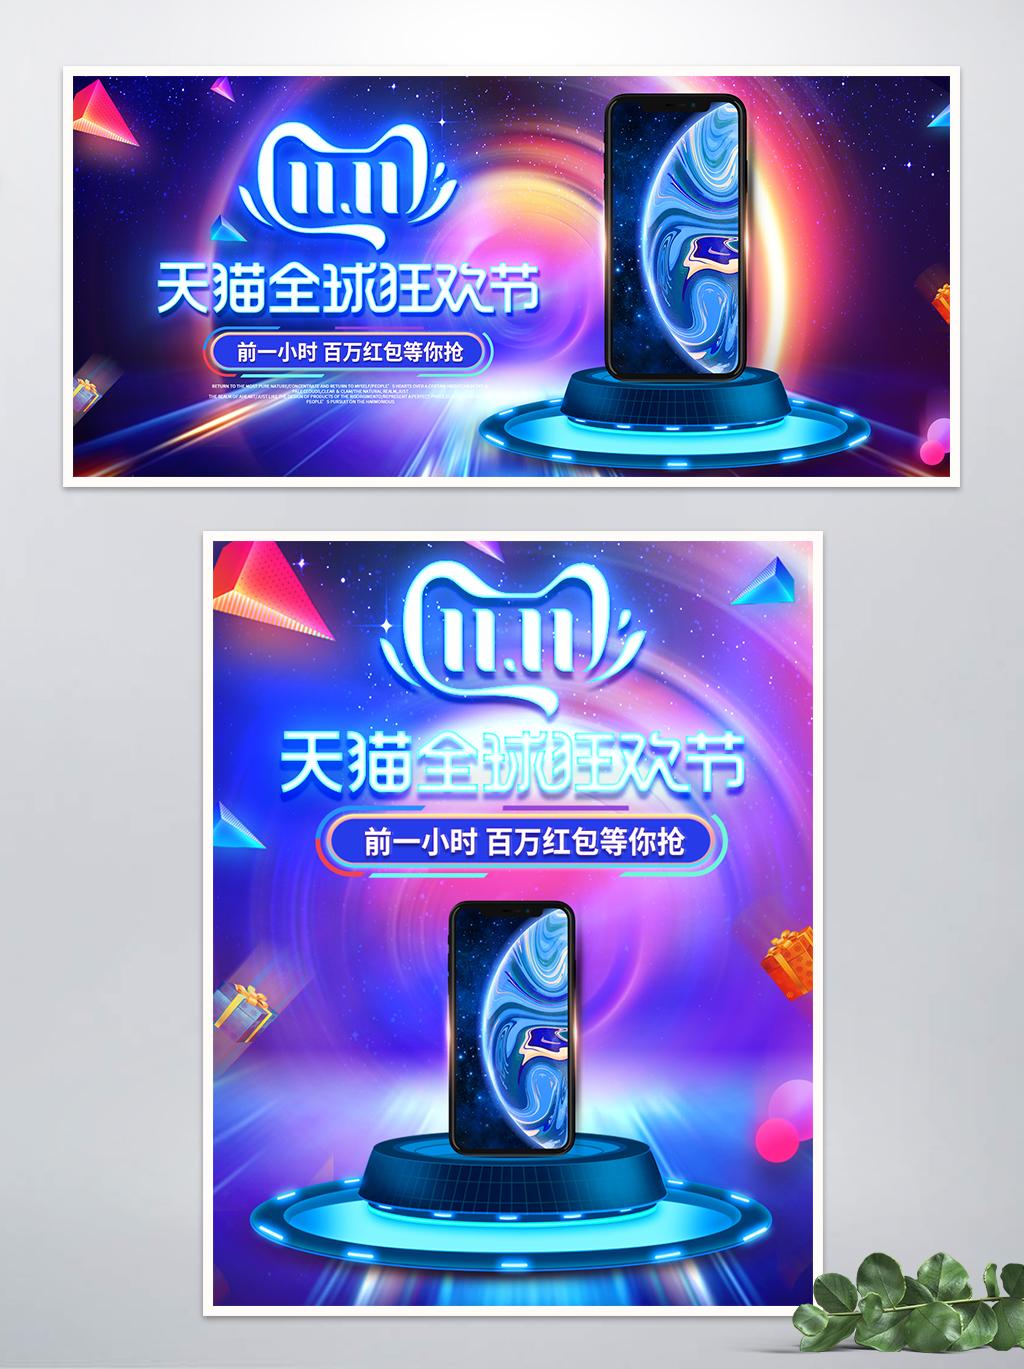 双11炫彩酷炫科技风banner手机海报双十一